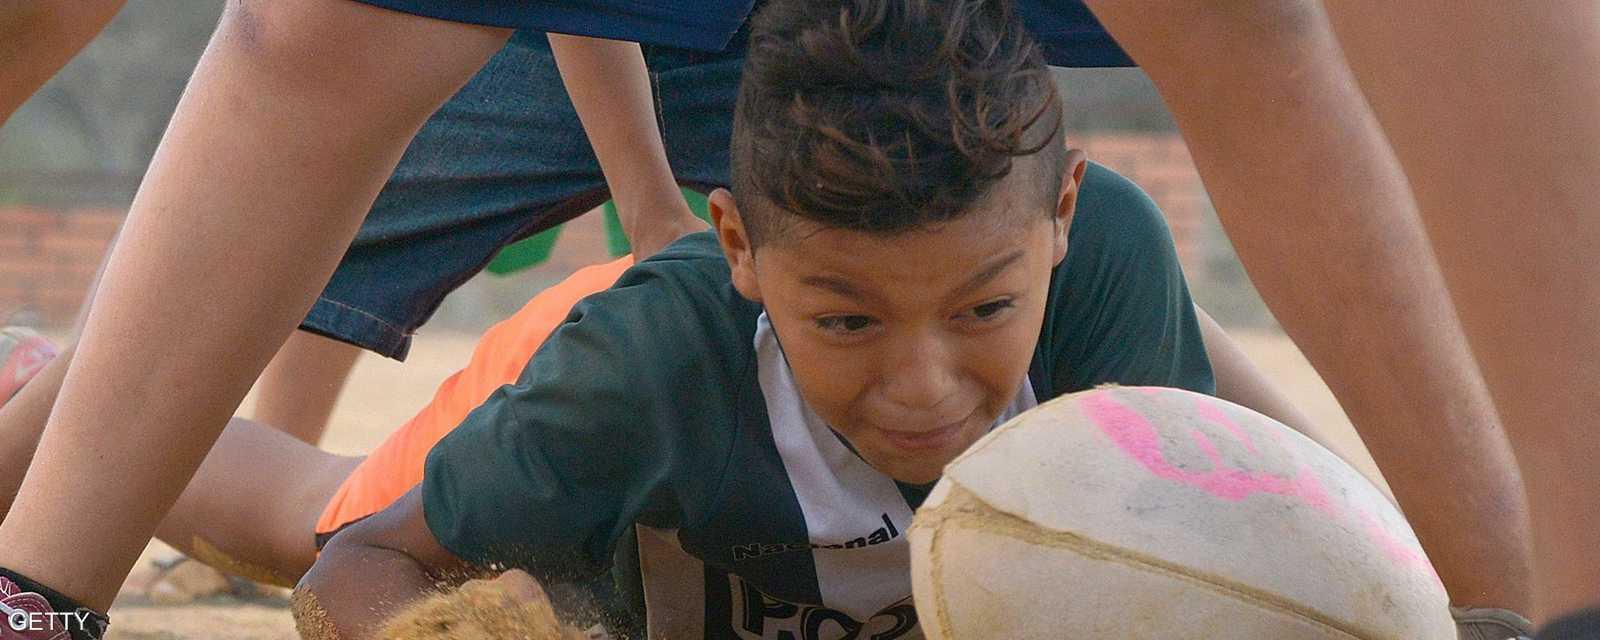 """يهدف برنامج منظمة """"فلير"""" الفرنسية للرغبي إلى إبعاد الأطفال عن العنف عبر تدريبهم على رباضة الرغبي"""